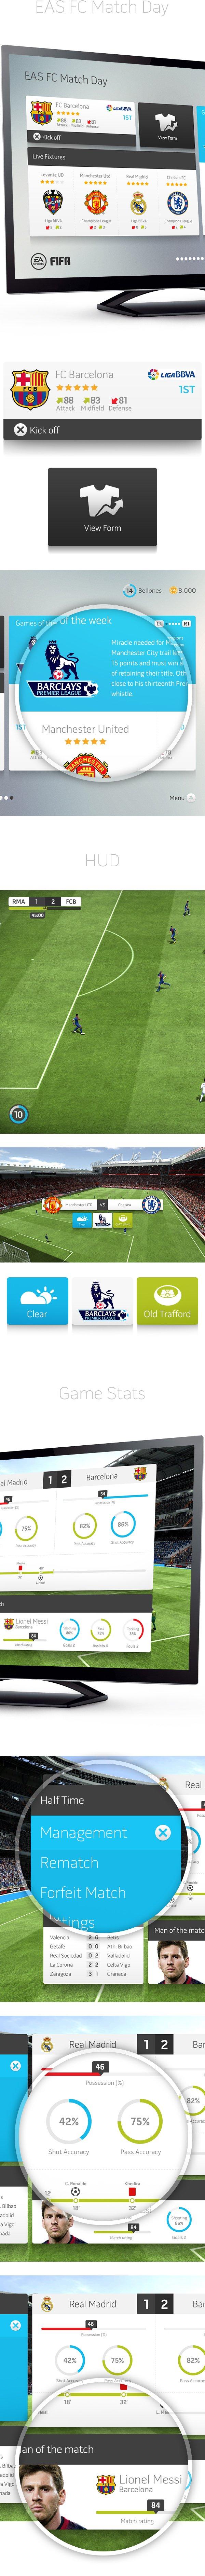 В сети появился дизайнерский прототип интерфейса FIFA